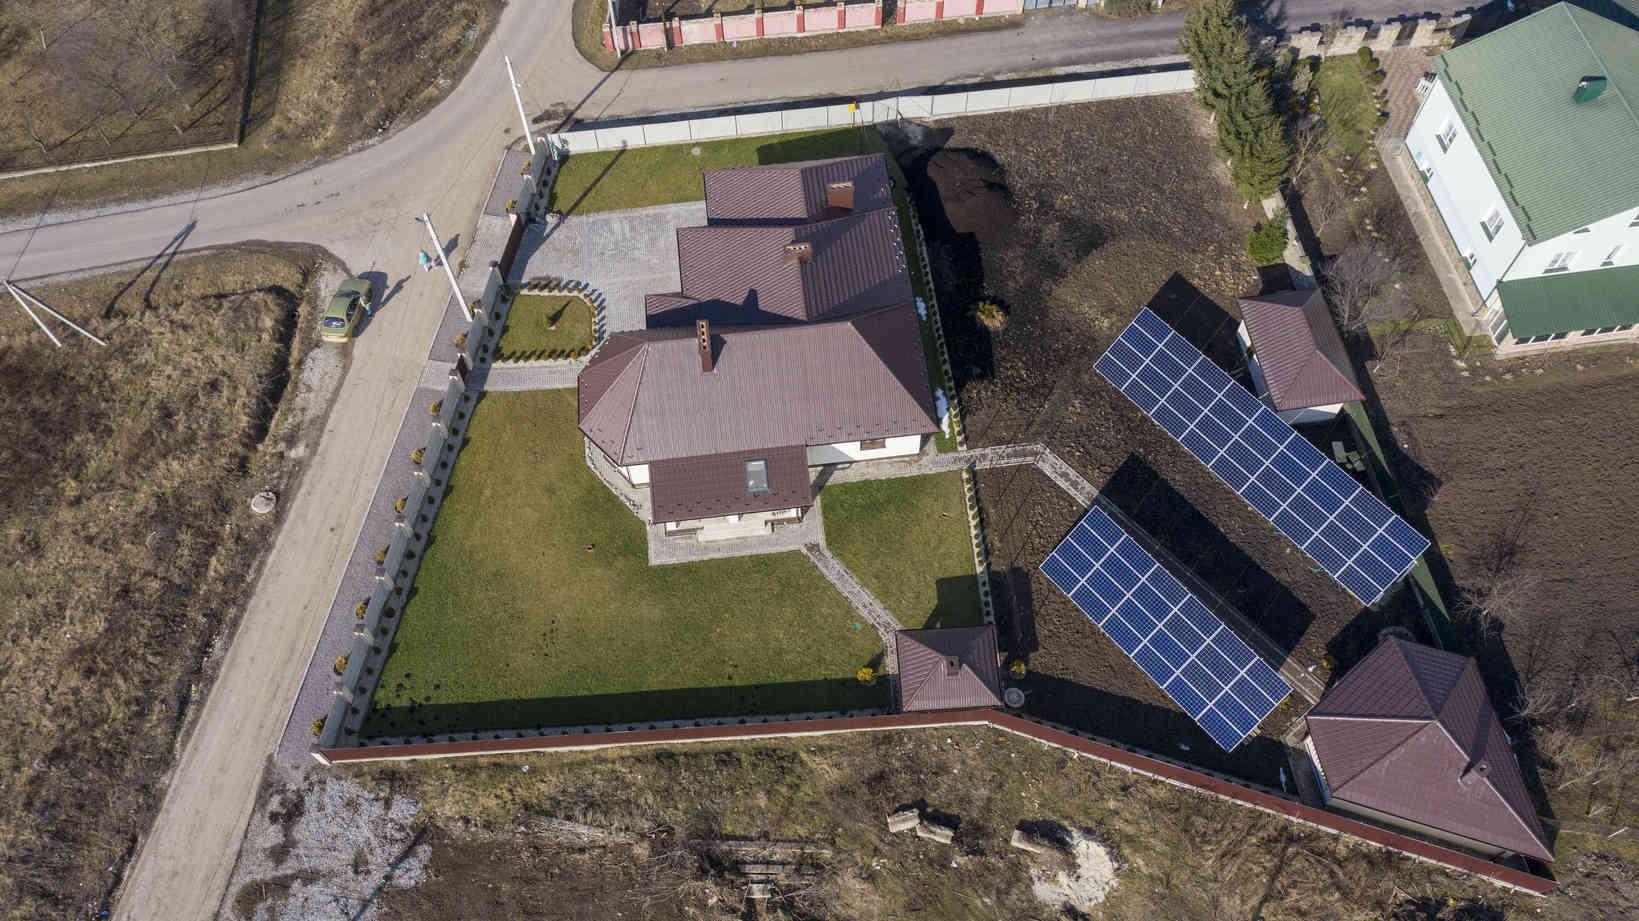 Мережева сонячна електростанція (СЕС) потужністю 20,7 кВт – Фотозвіт #1